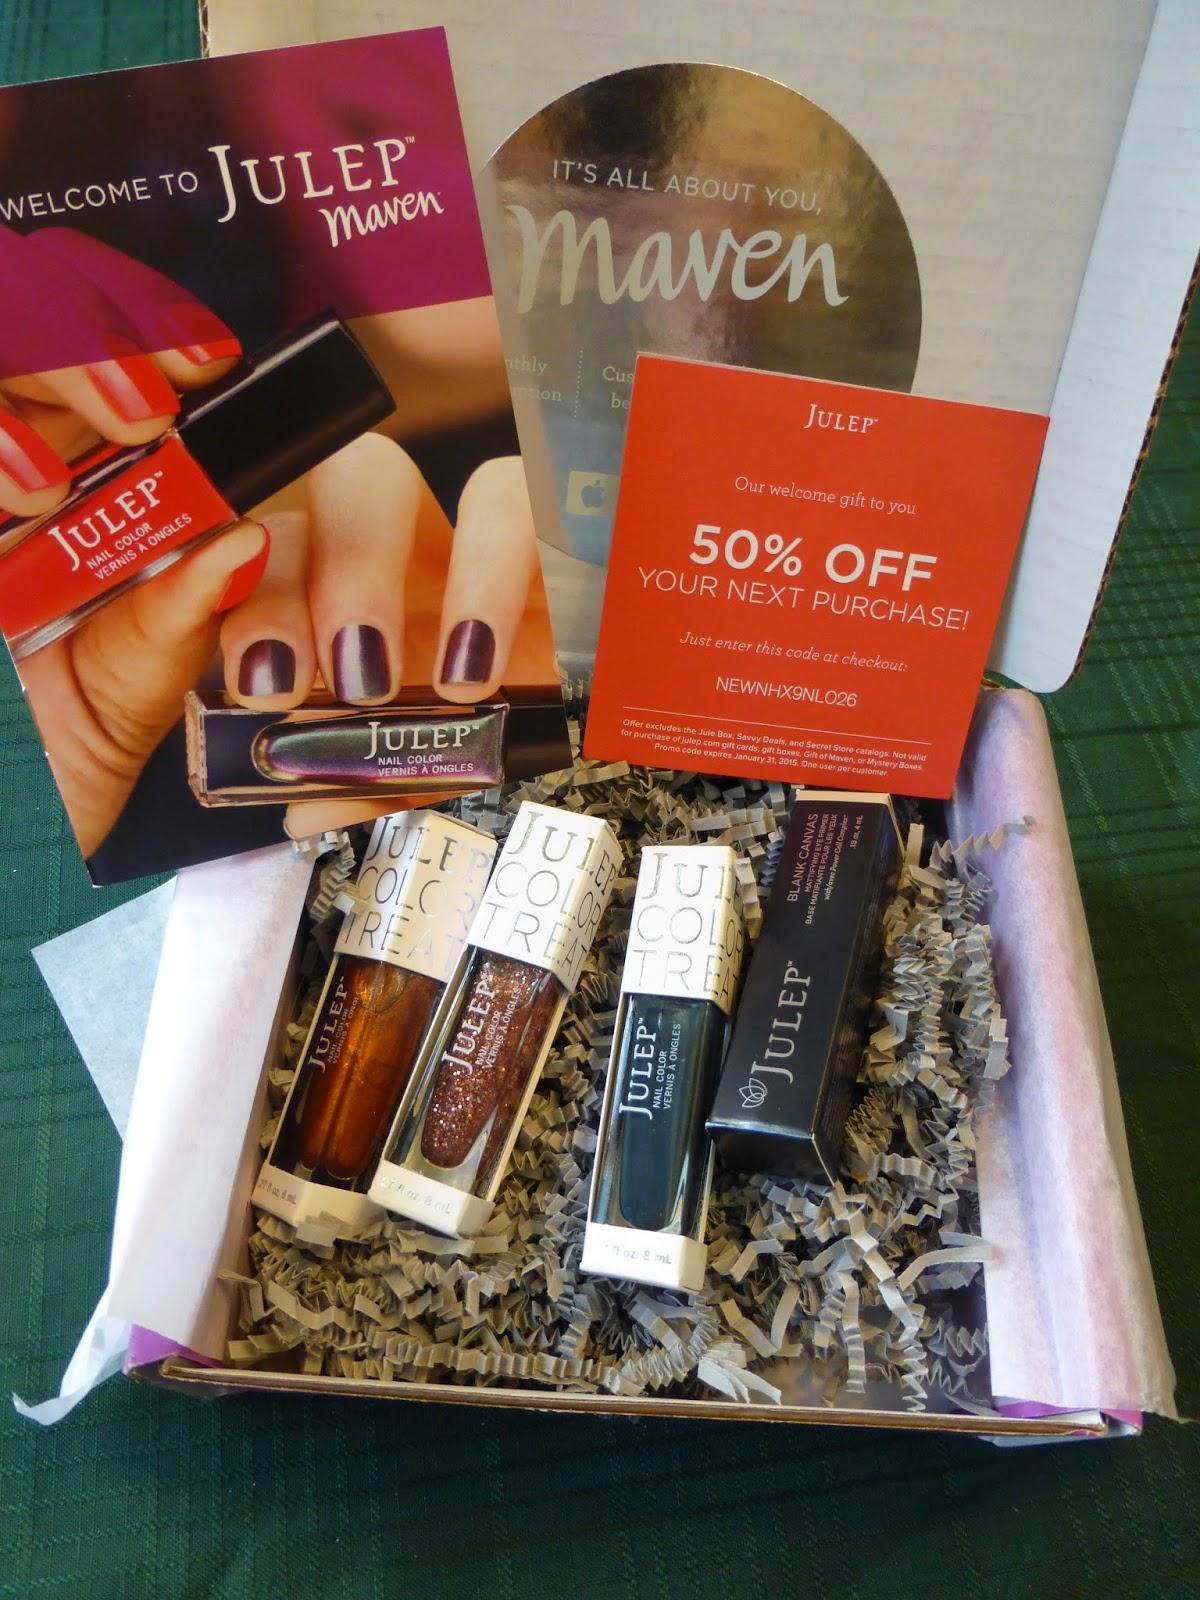 nail polish, Maven, holiday, Julep, discount, gift, beauty